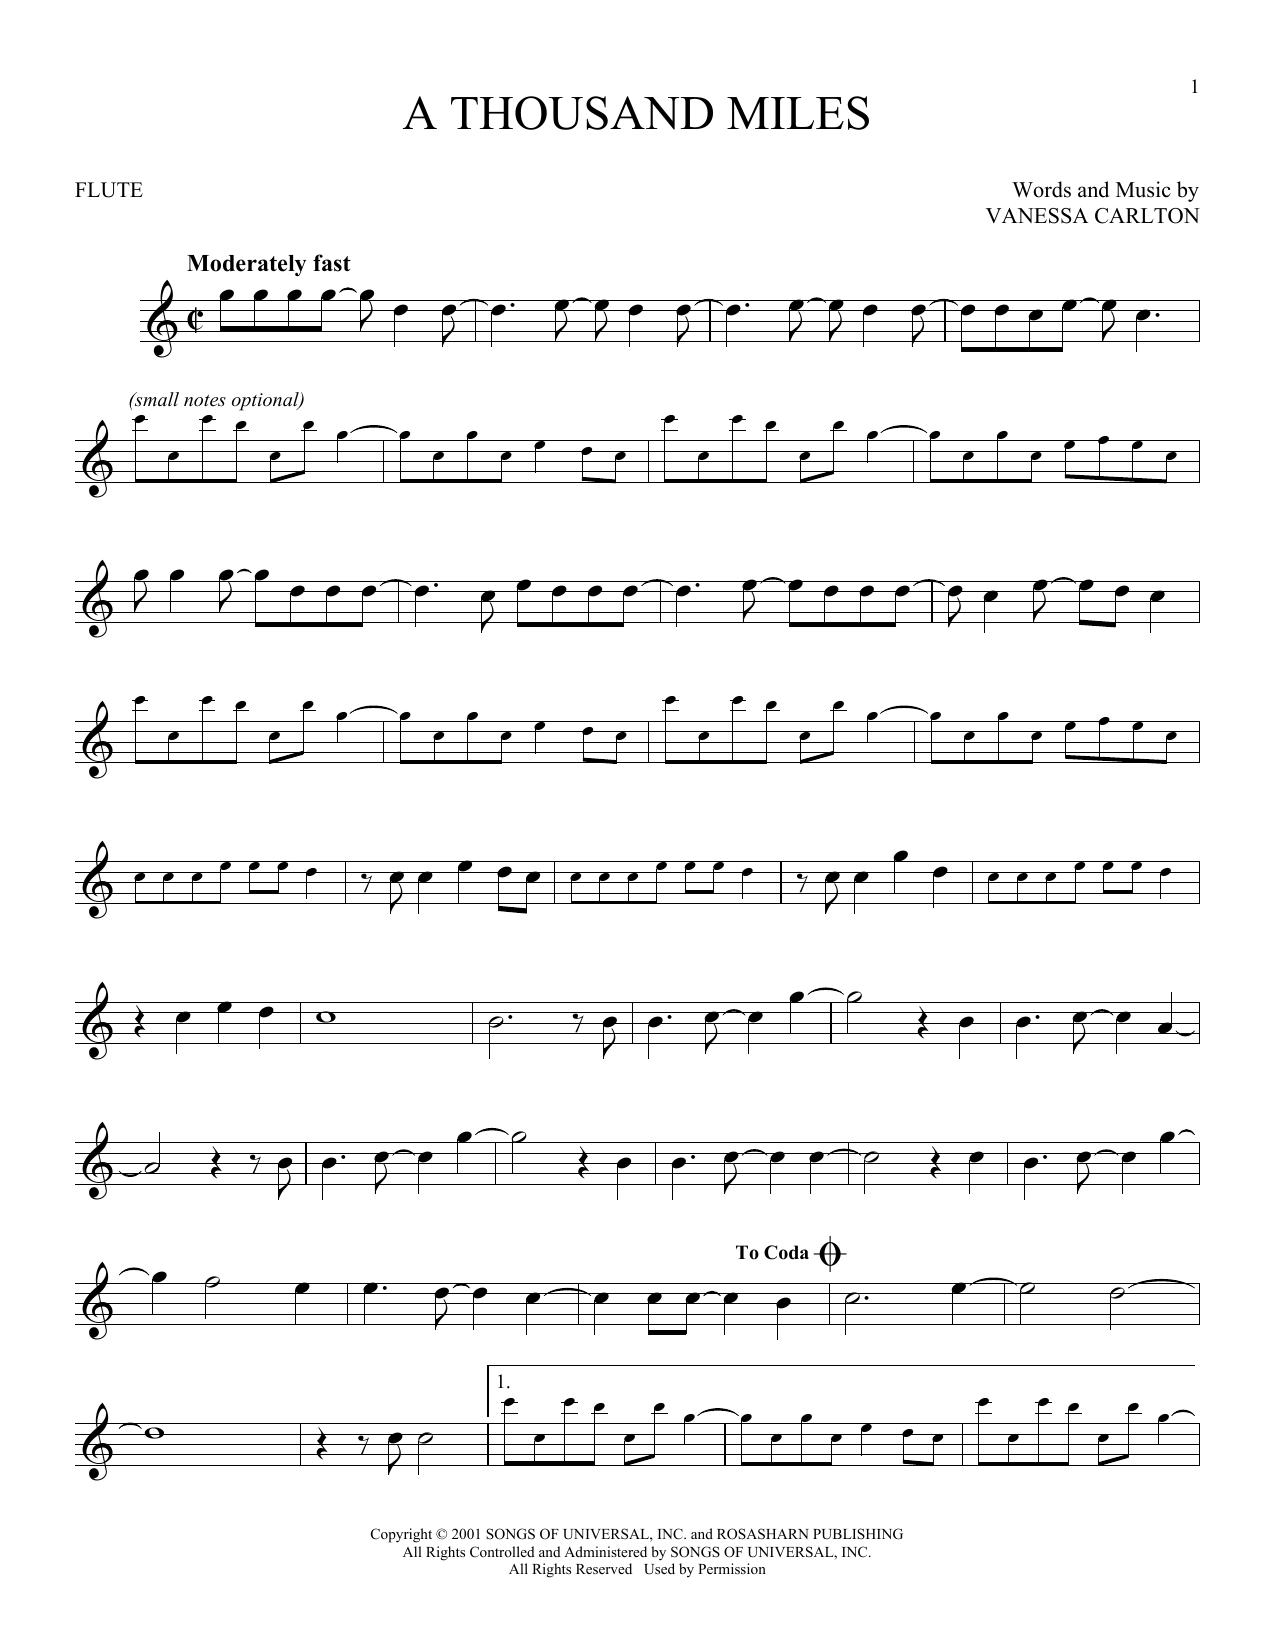 Partition flûte A Thousand Miles de Vanessa Carlton - Flute traversiere